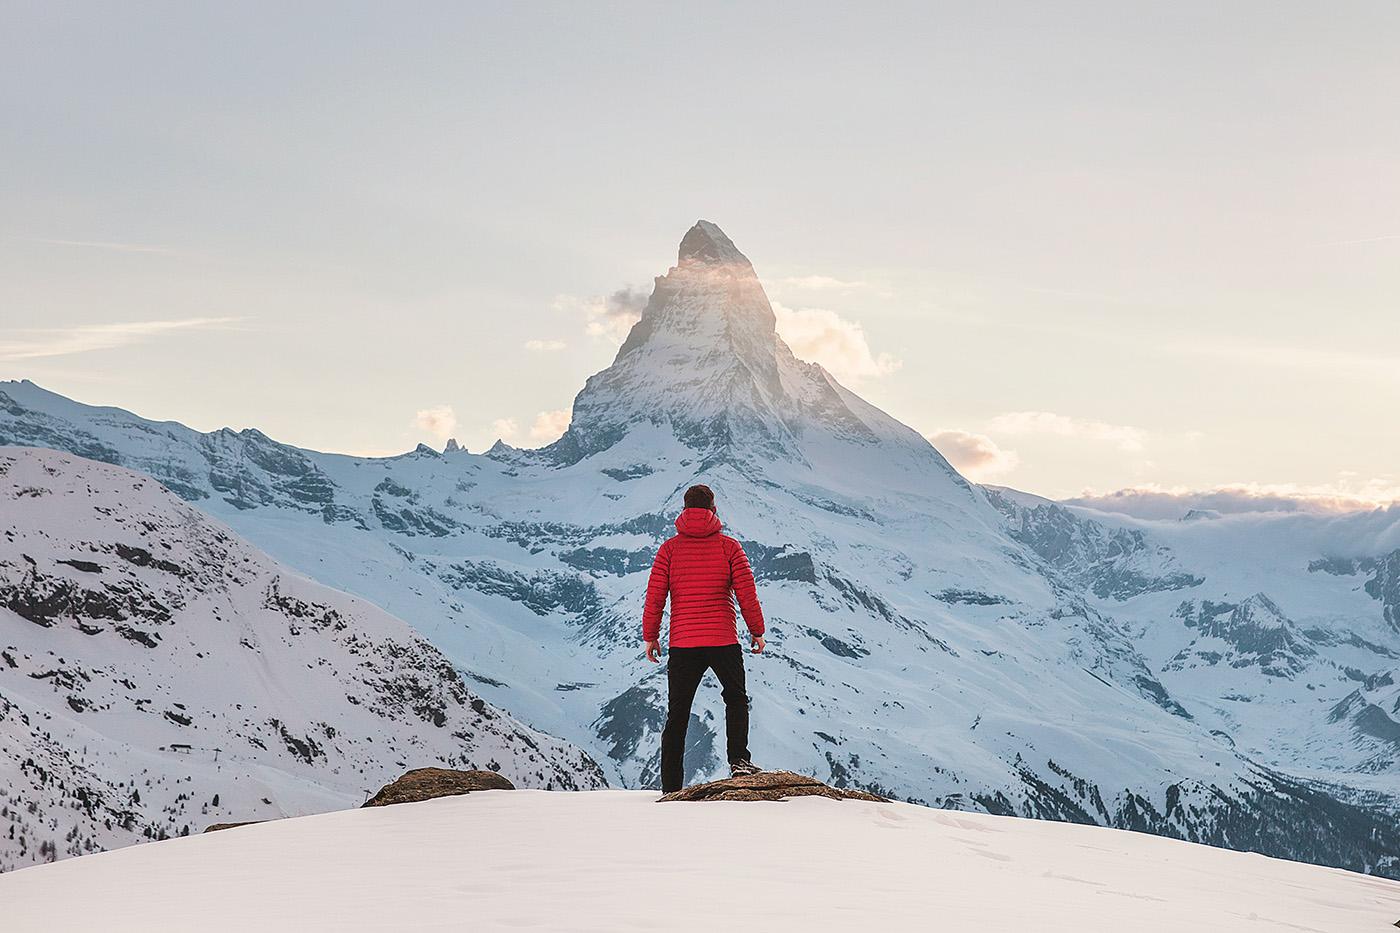 Esquie sem sair de casa: filmes que inspiram viagens de neve